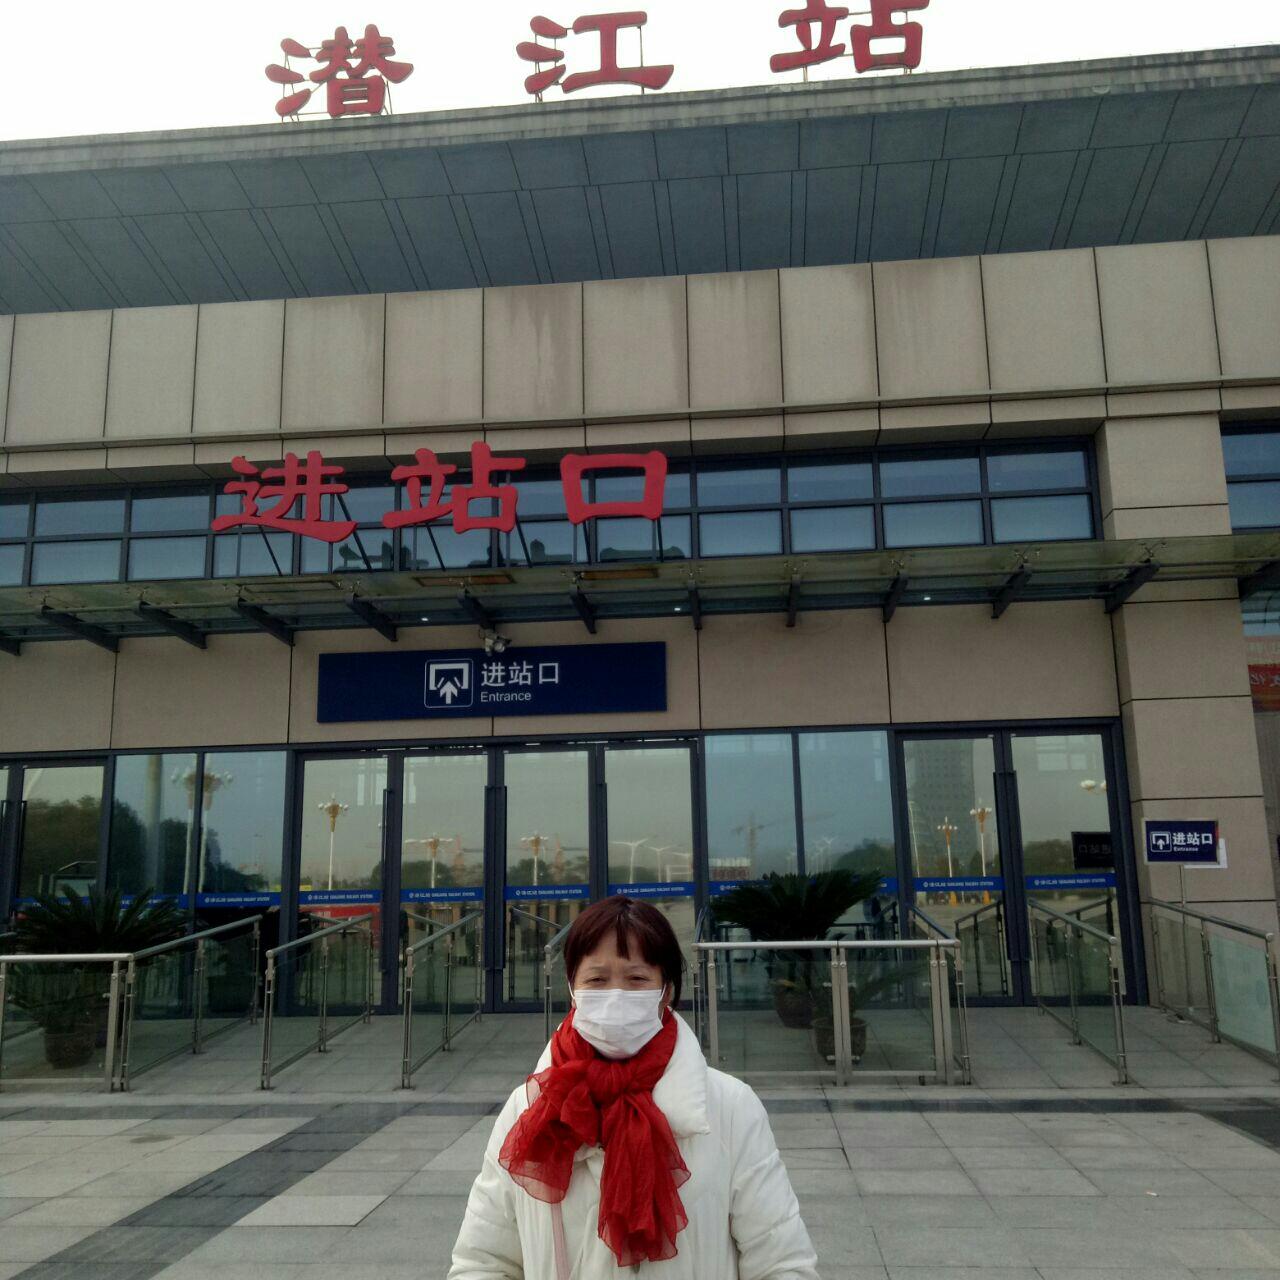 中國四維權人士申請遊行被控 訪民各自維權